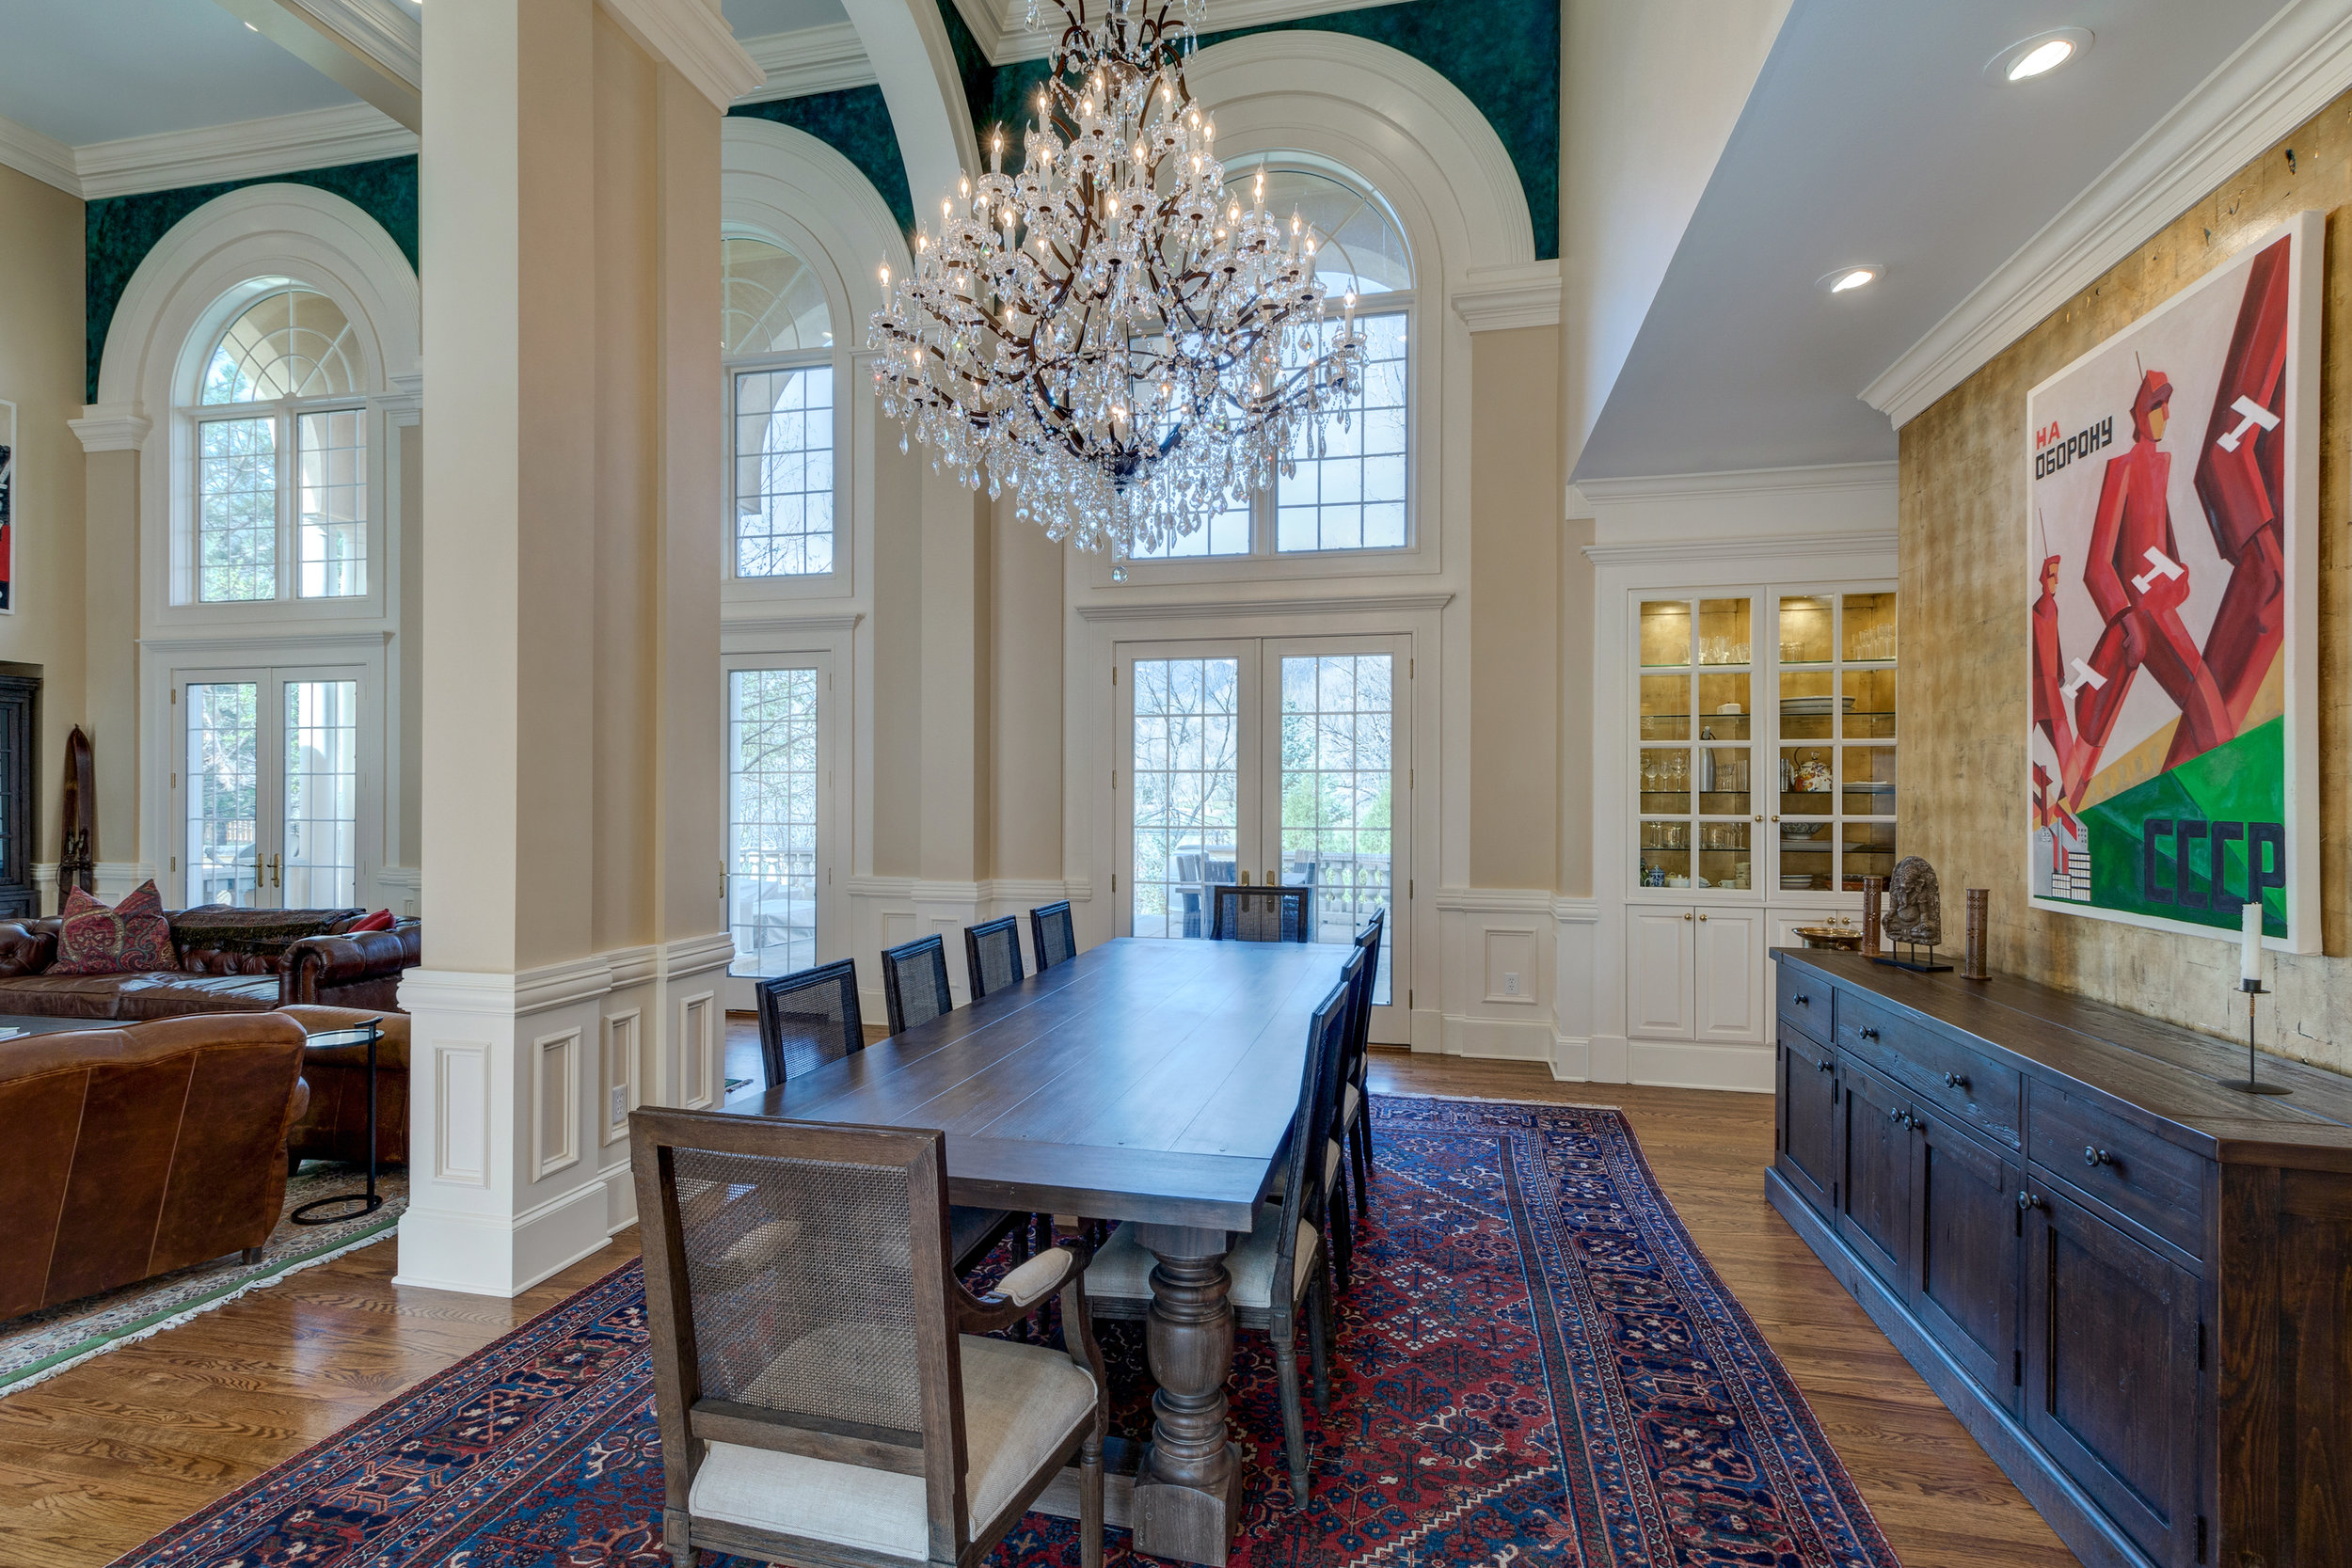 8-Dining room.jpg